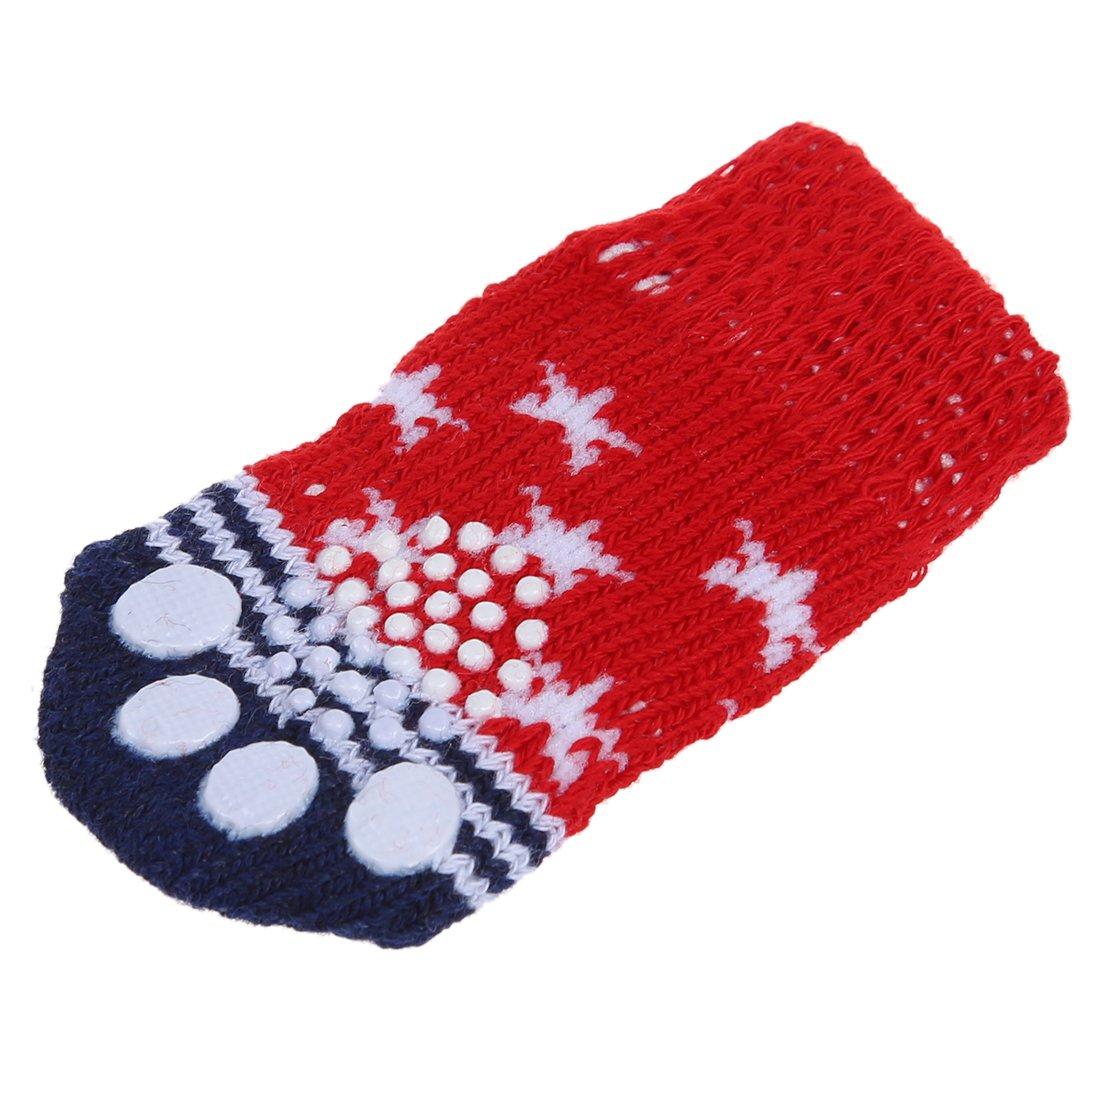 Calcetines para perro mascota de impresion de pata con fondo antideslizante Aprox sin estirar 2,7 pulgadas de largo x 1,5 pulgadas de ancho R TOOGOO